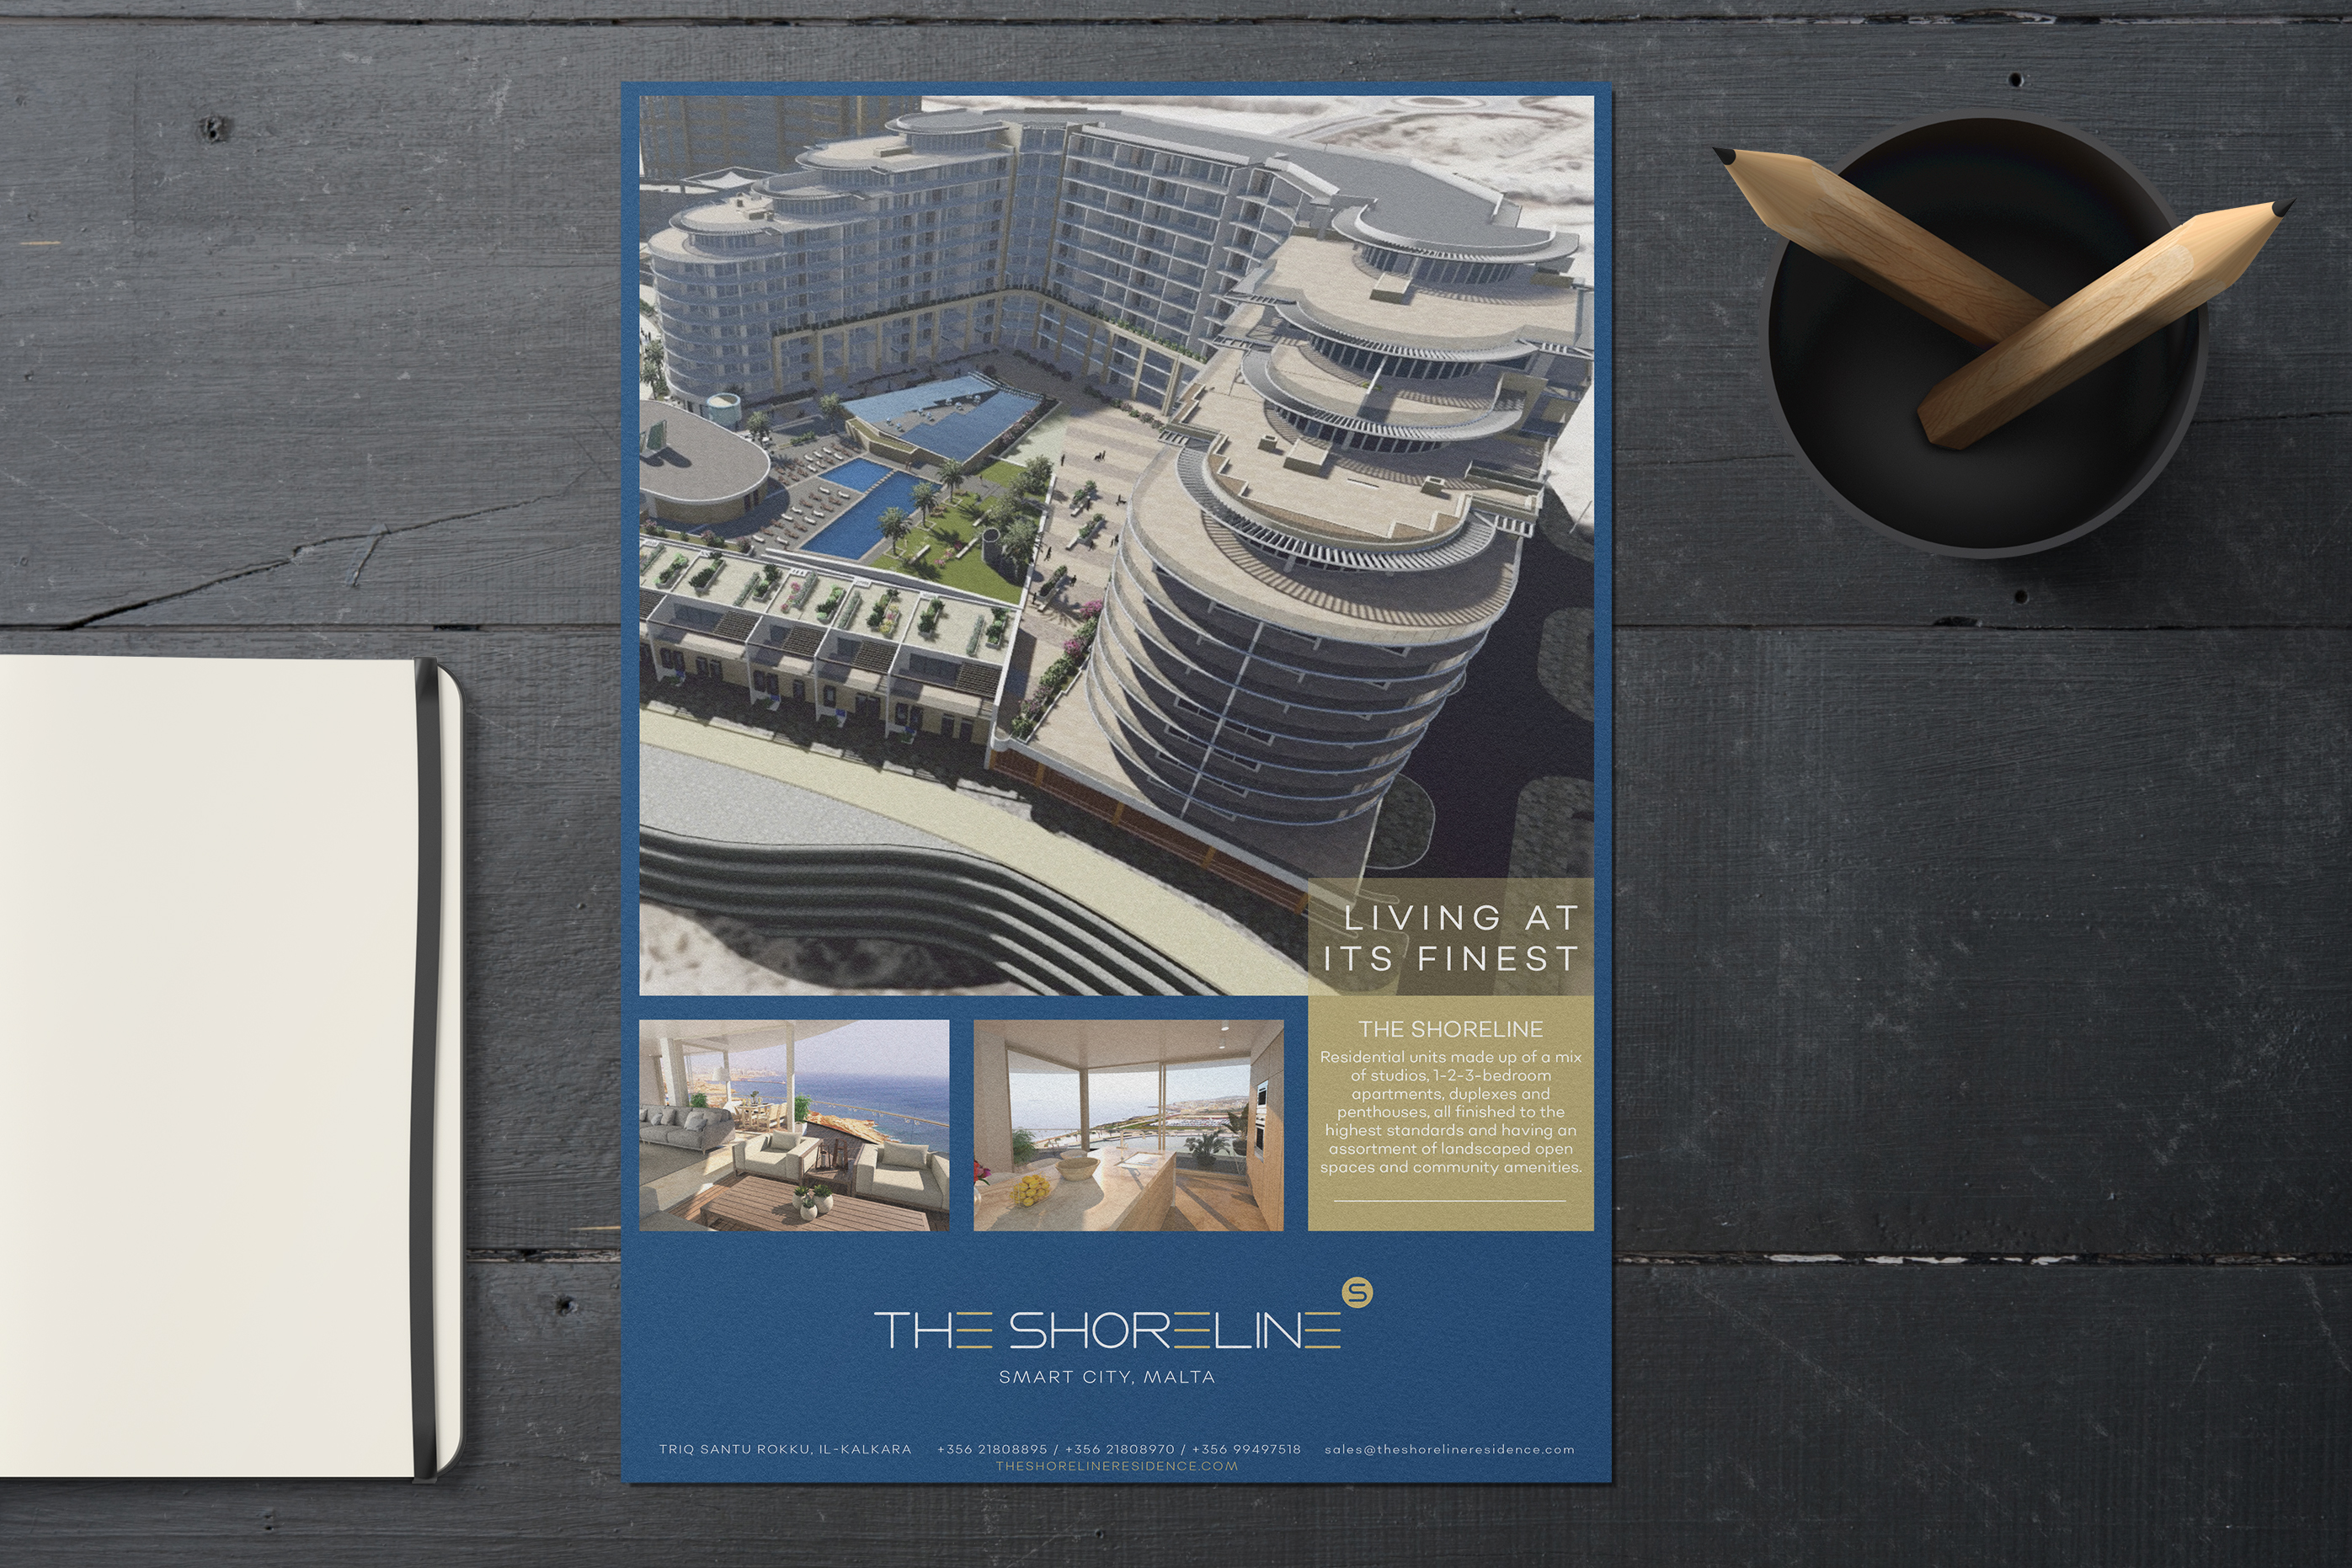 The Shoreline image design